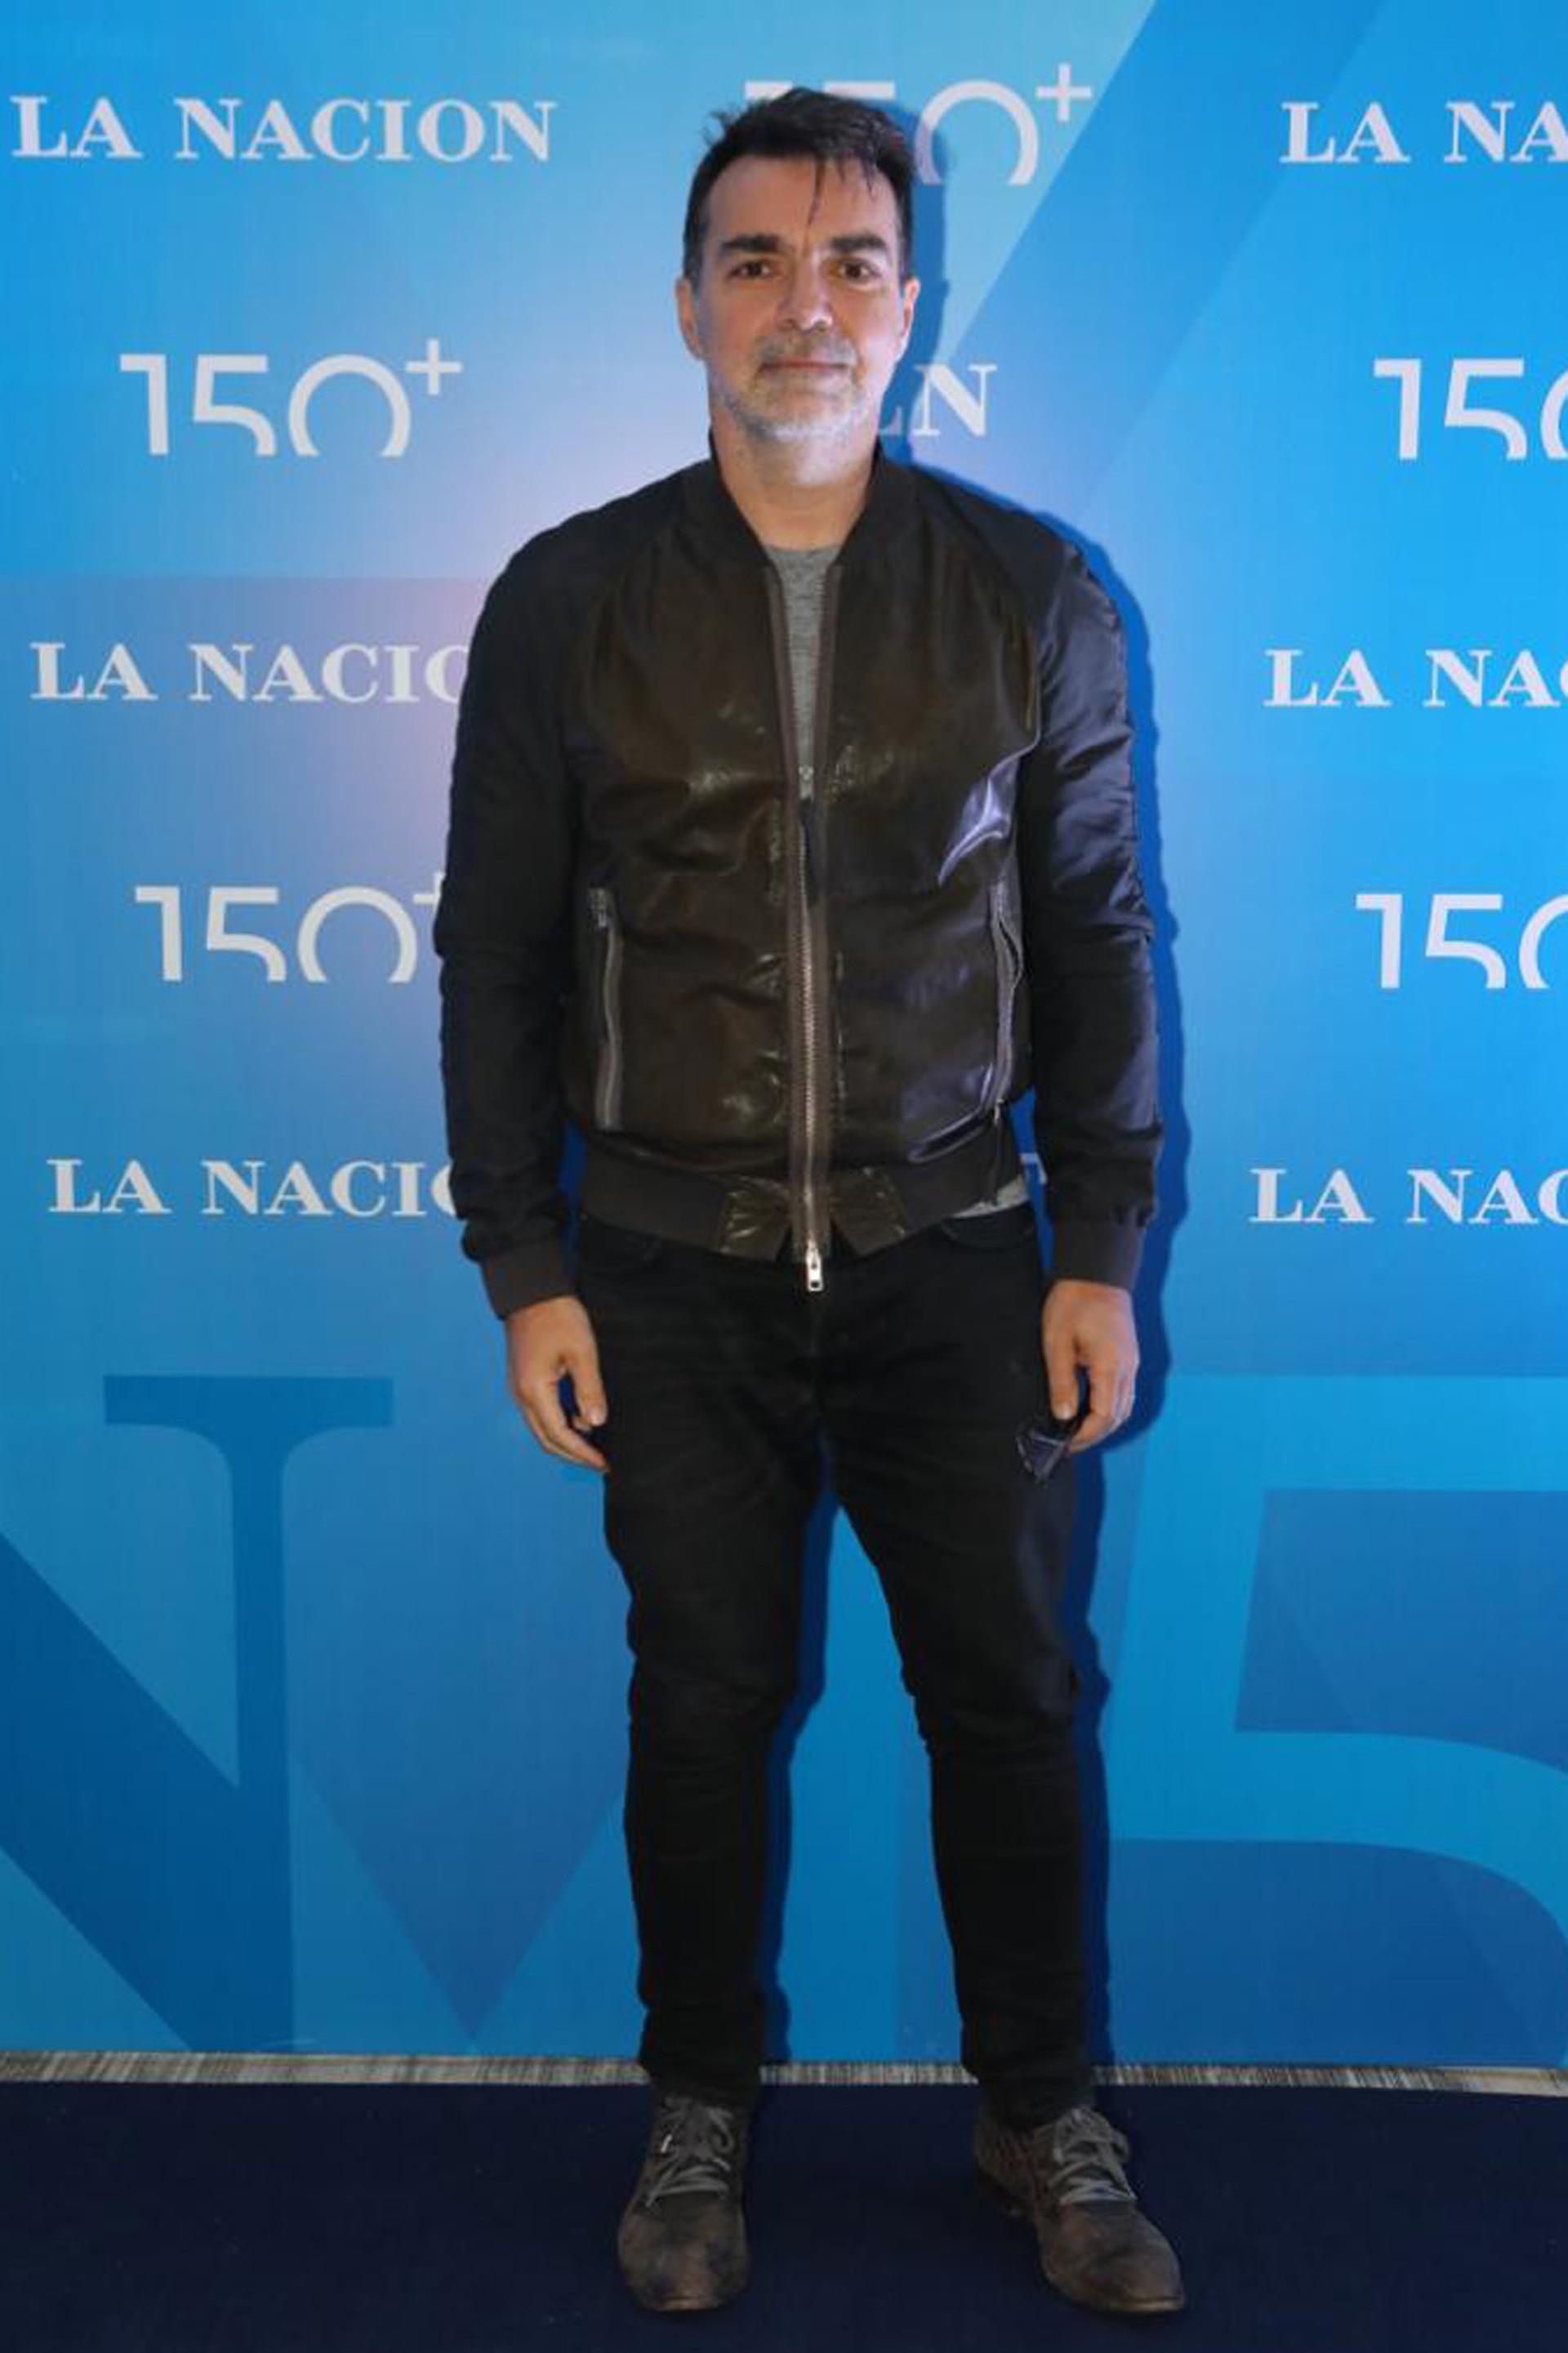 Carlos Pérez de la agencia publicitaria BBDO